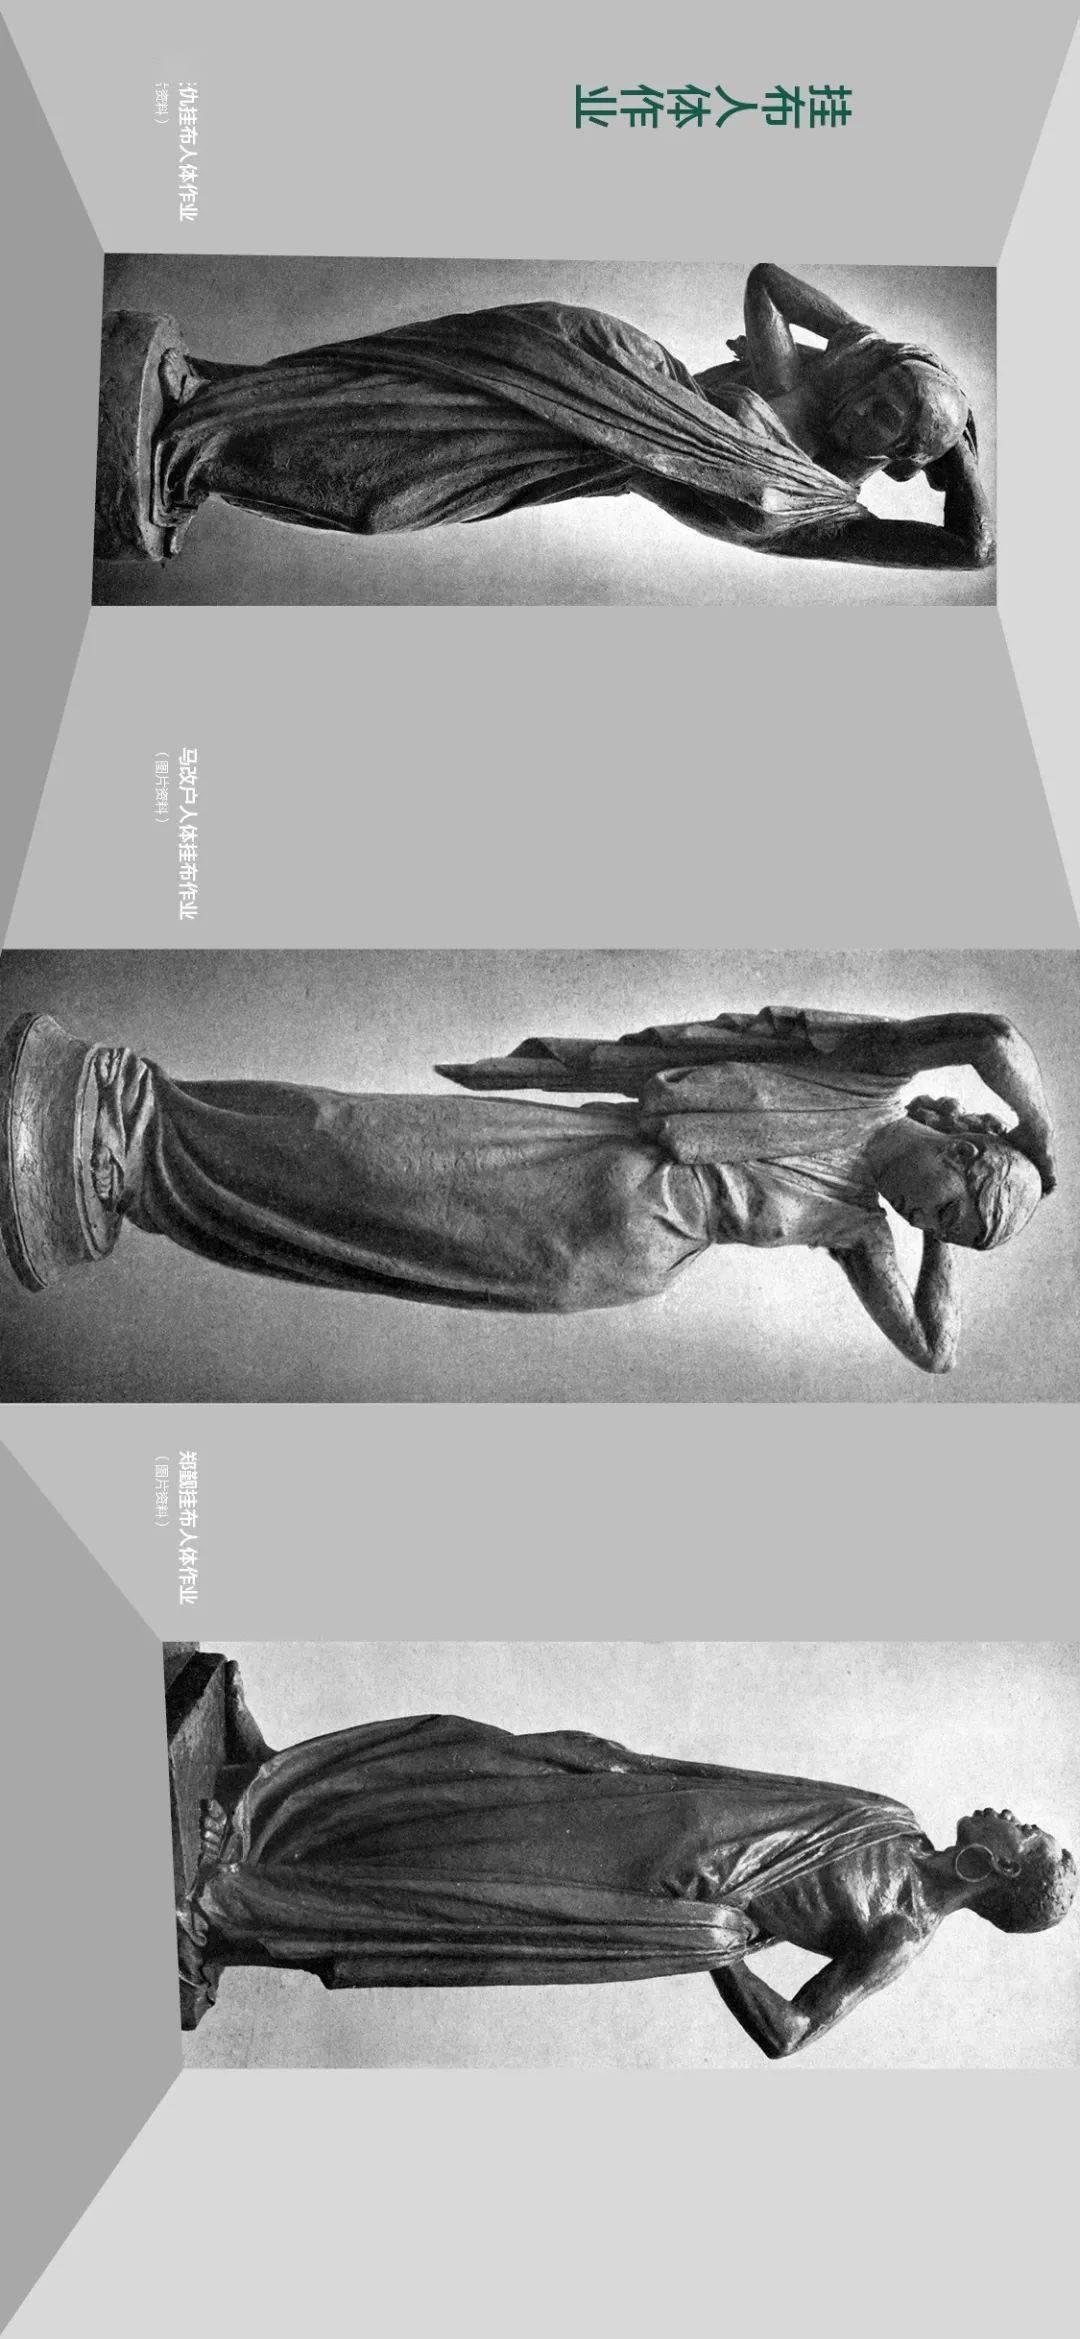 雕塑基因:20世纪五十、六十年代中央美术学院雕塑教学构建中的多种传统